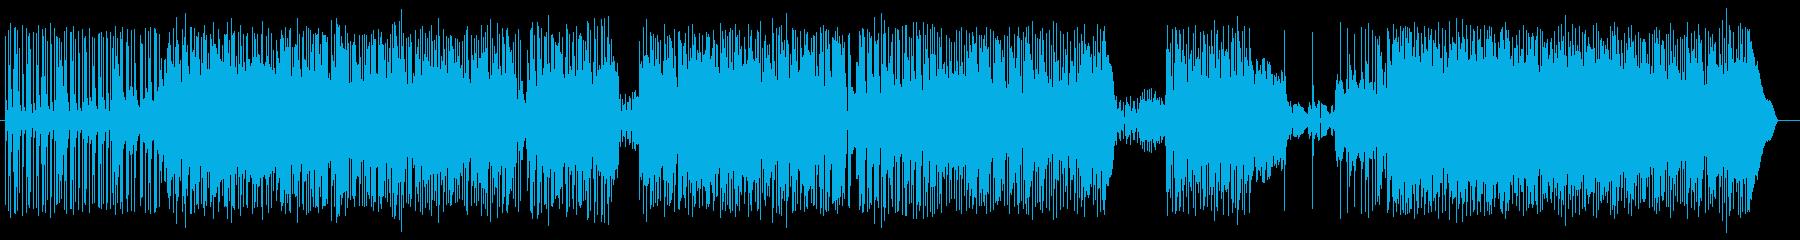 クールでグルーブ感あるエレキロックの再生済みの波形